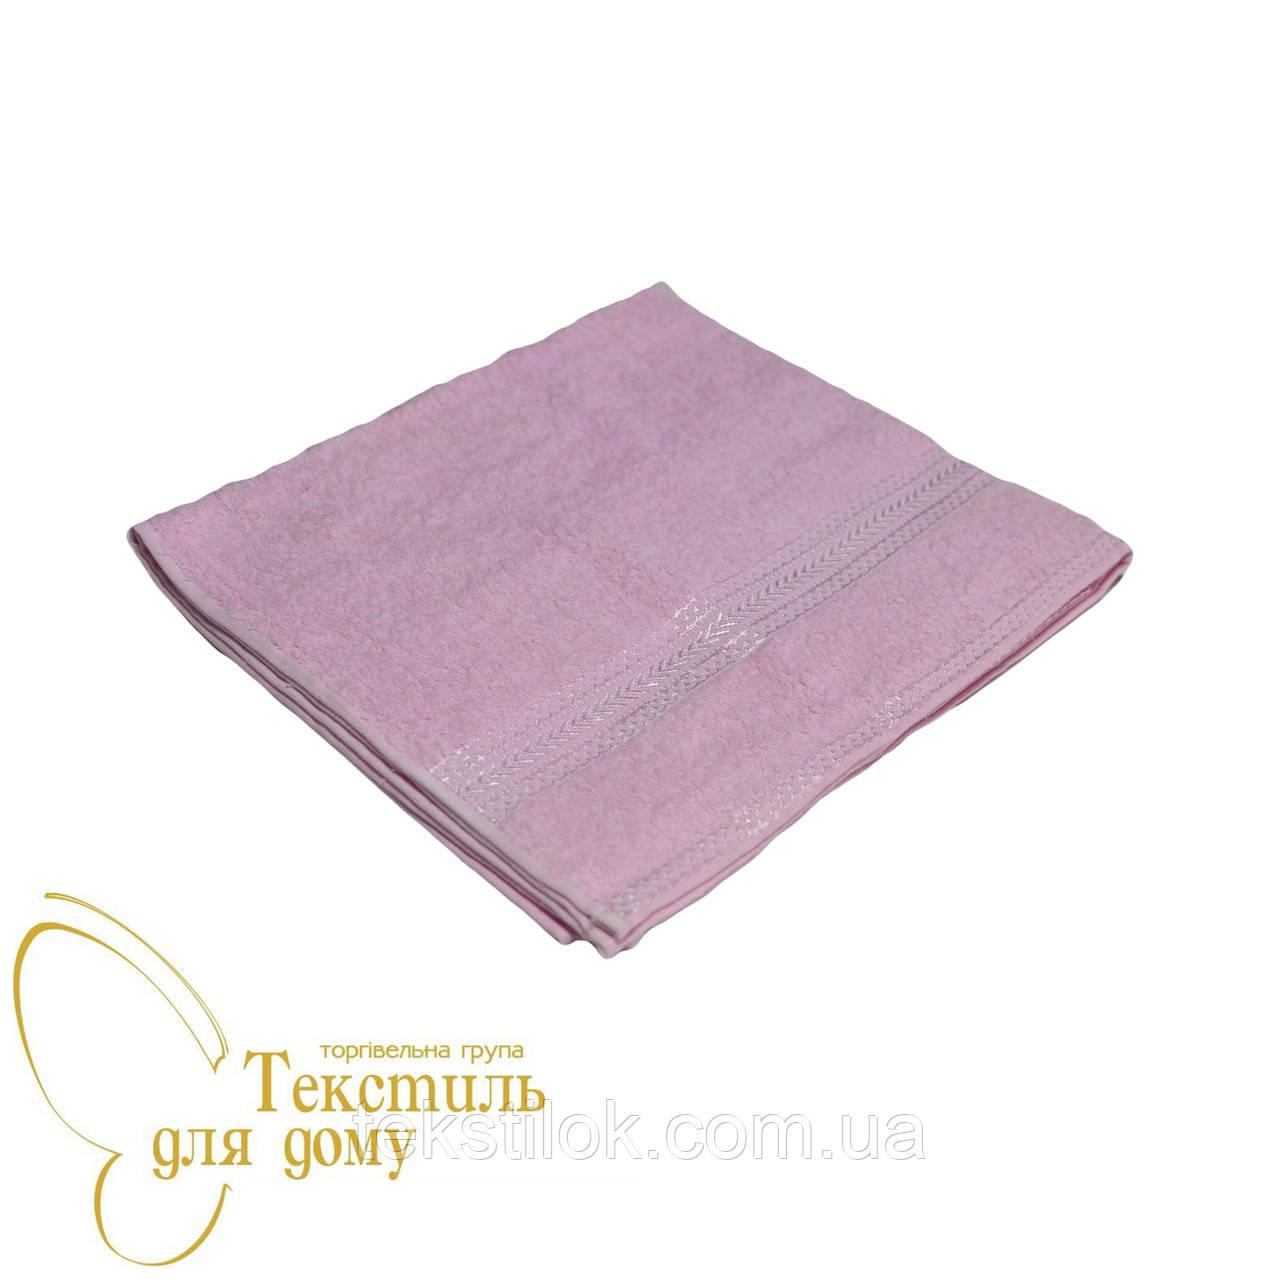 Полотенце банное 70*130, 360 гр/м2, розовое